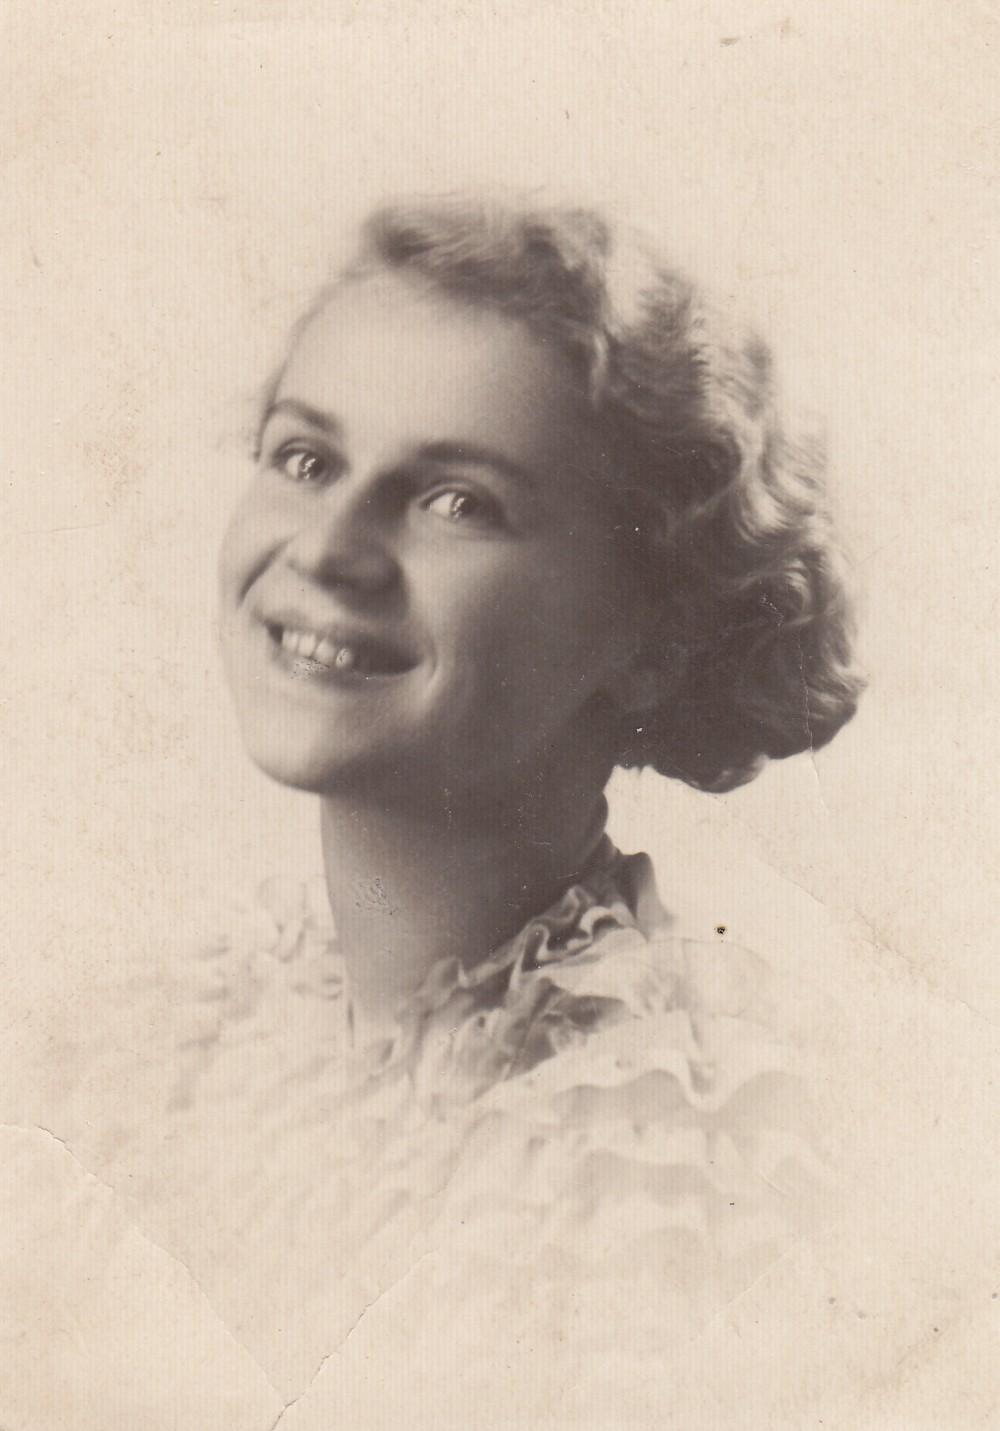 A. Liobytė – Vytauto Didžiojo universiteto studentė. Kaunas, 1937 m.